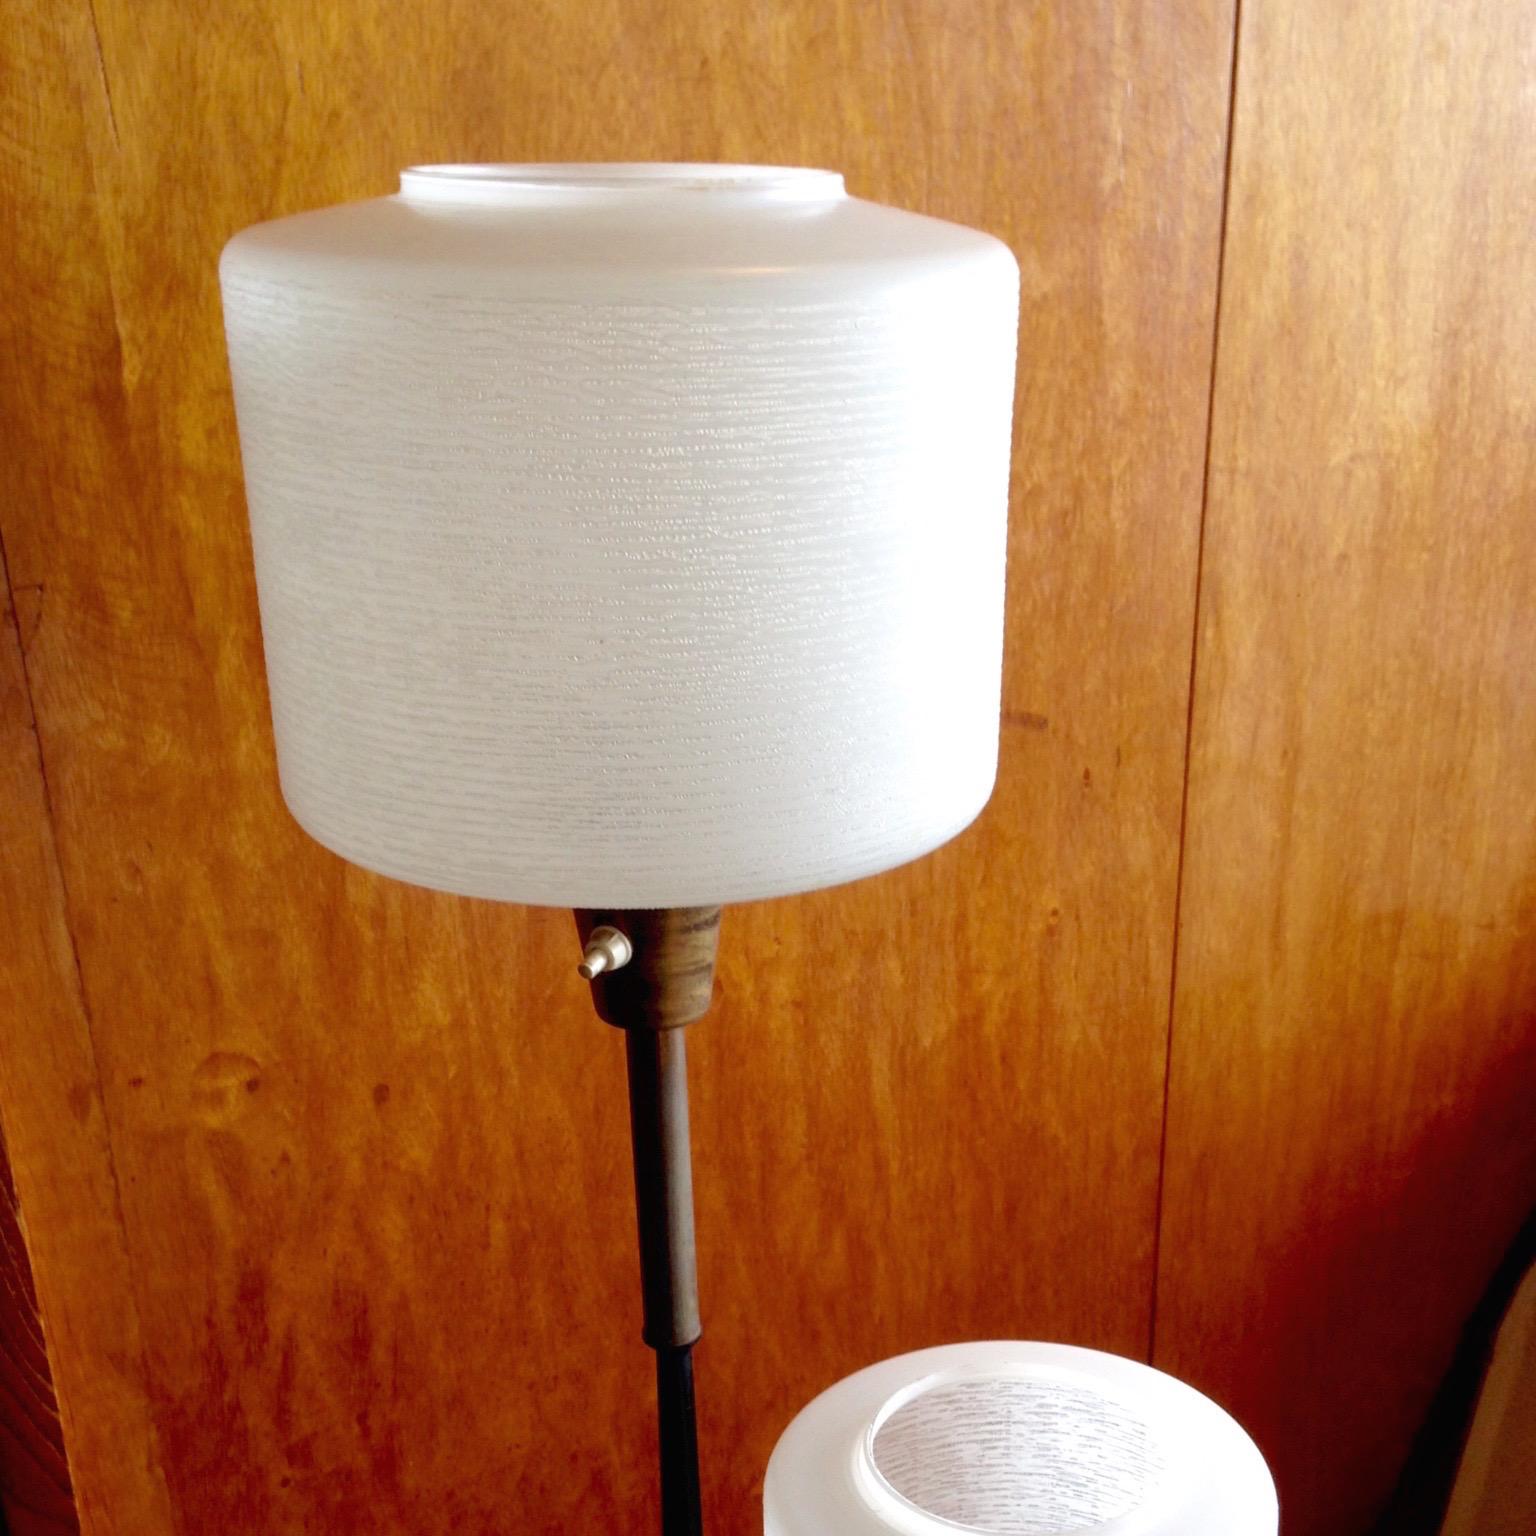 Une lampe rétro devant un panneau en bois.